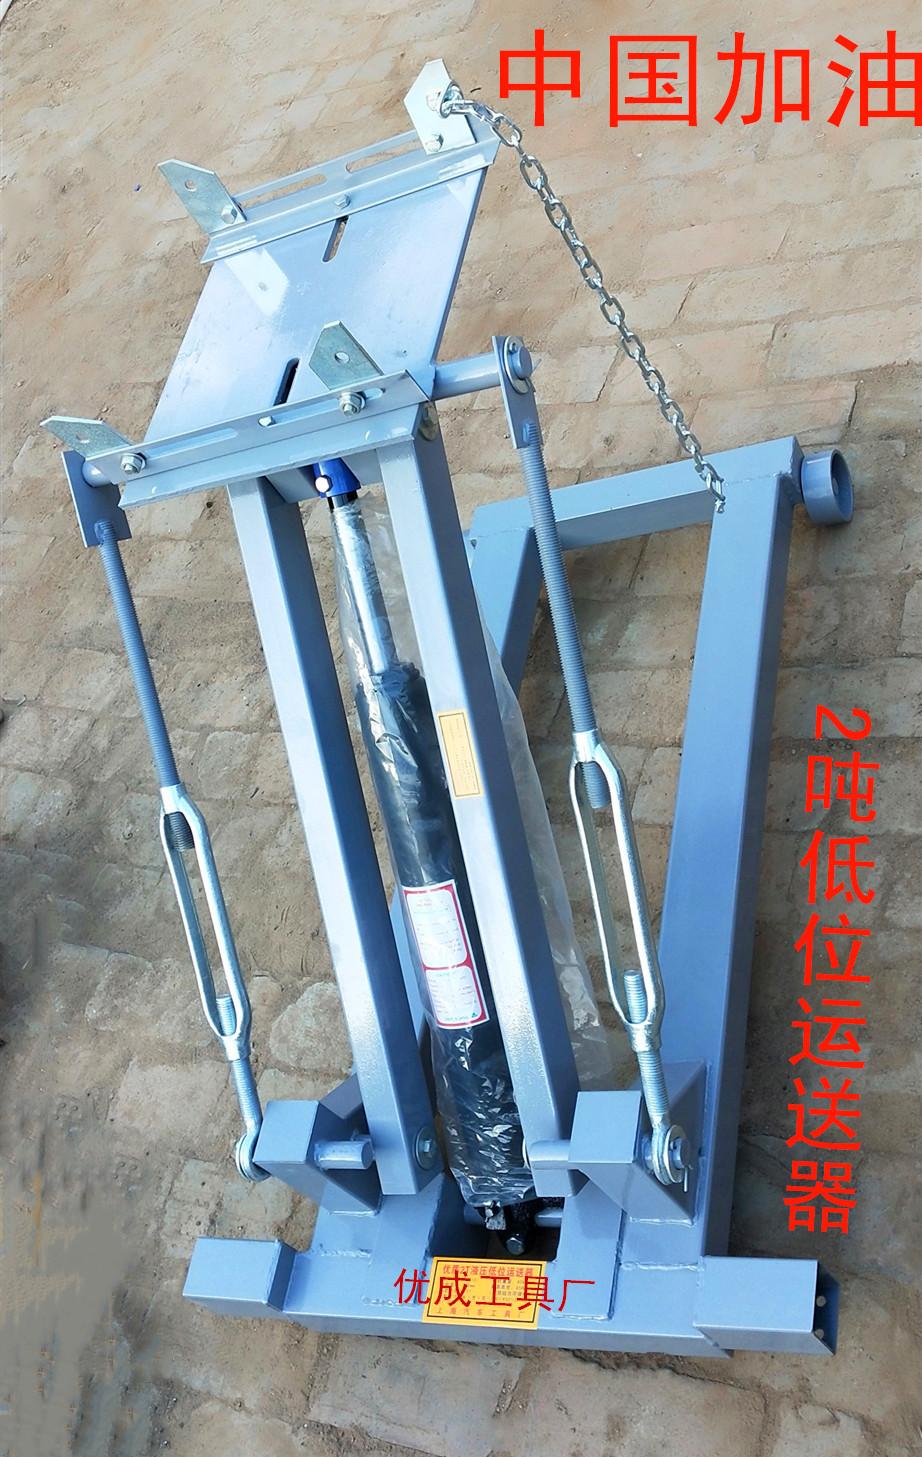 2吨低位运送器 波箱顶 变速箱托架 加厚钢材 优质千斤顶 厂家批发报价